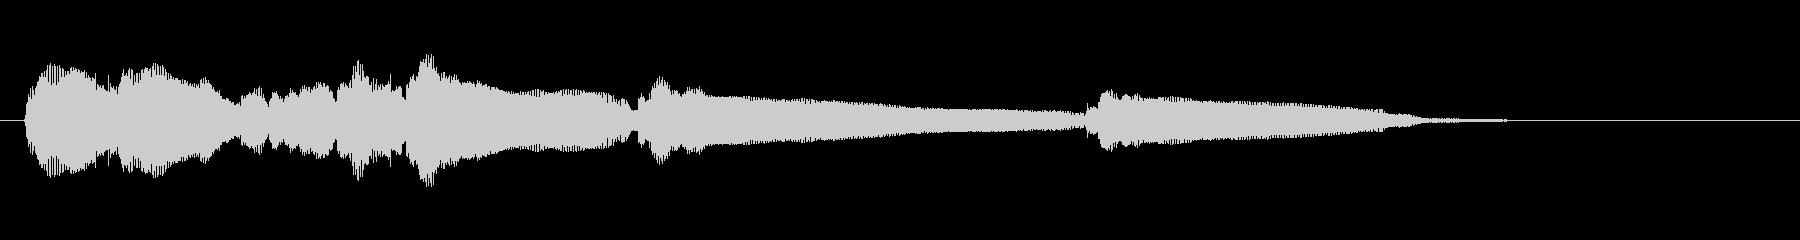 生音エレキギター5弦チューニング2エコーの未再生の波形